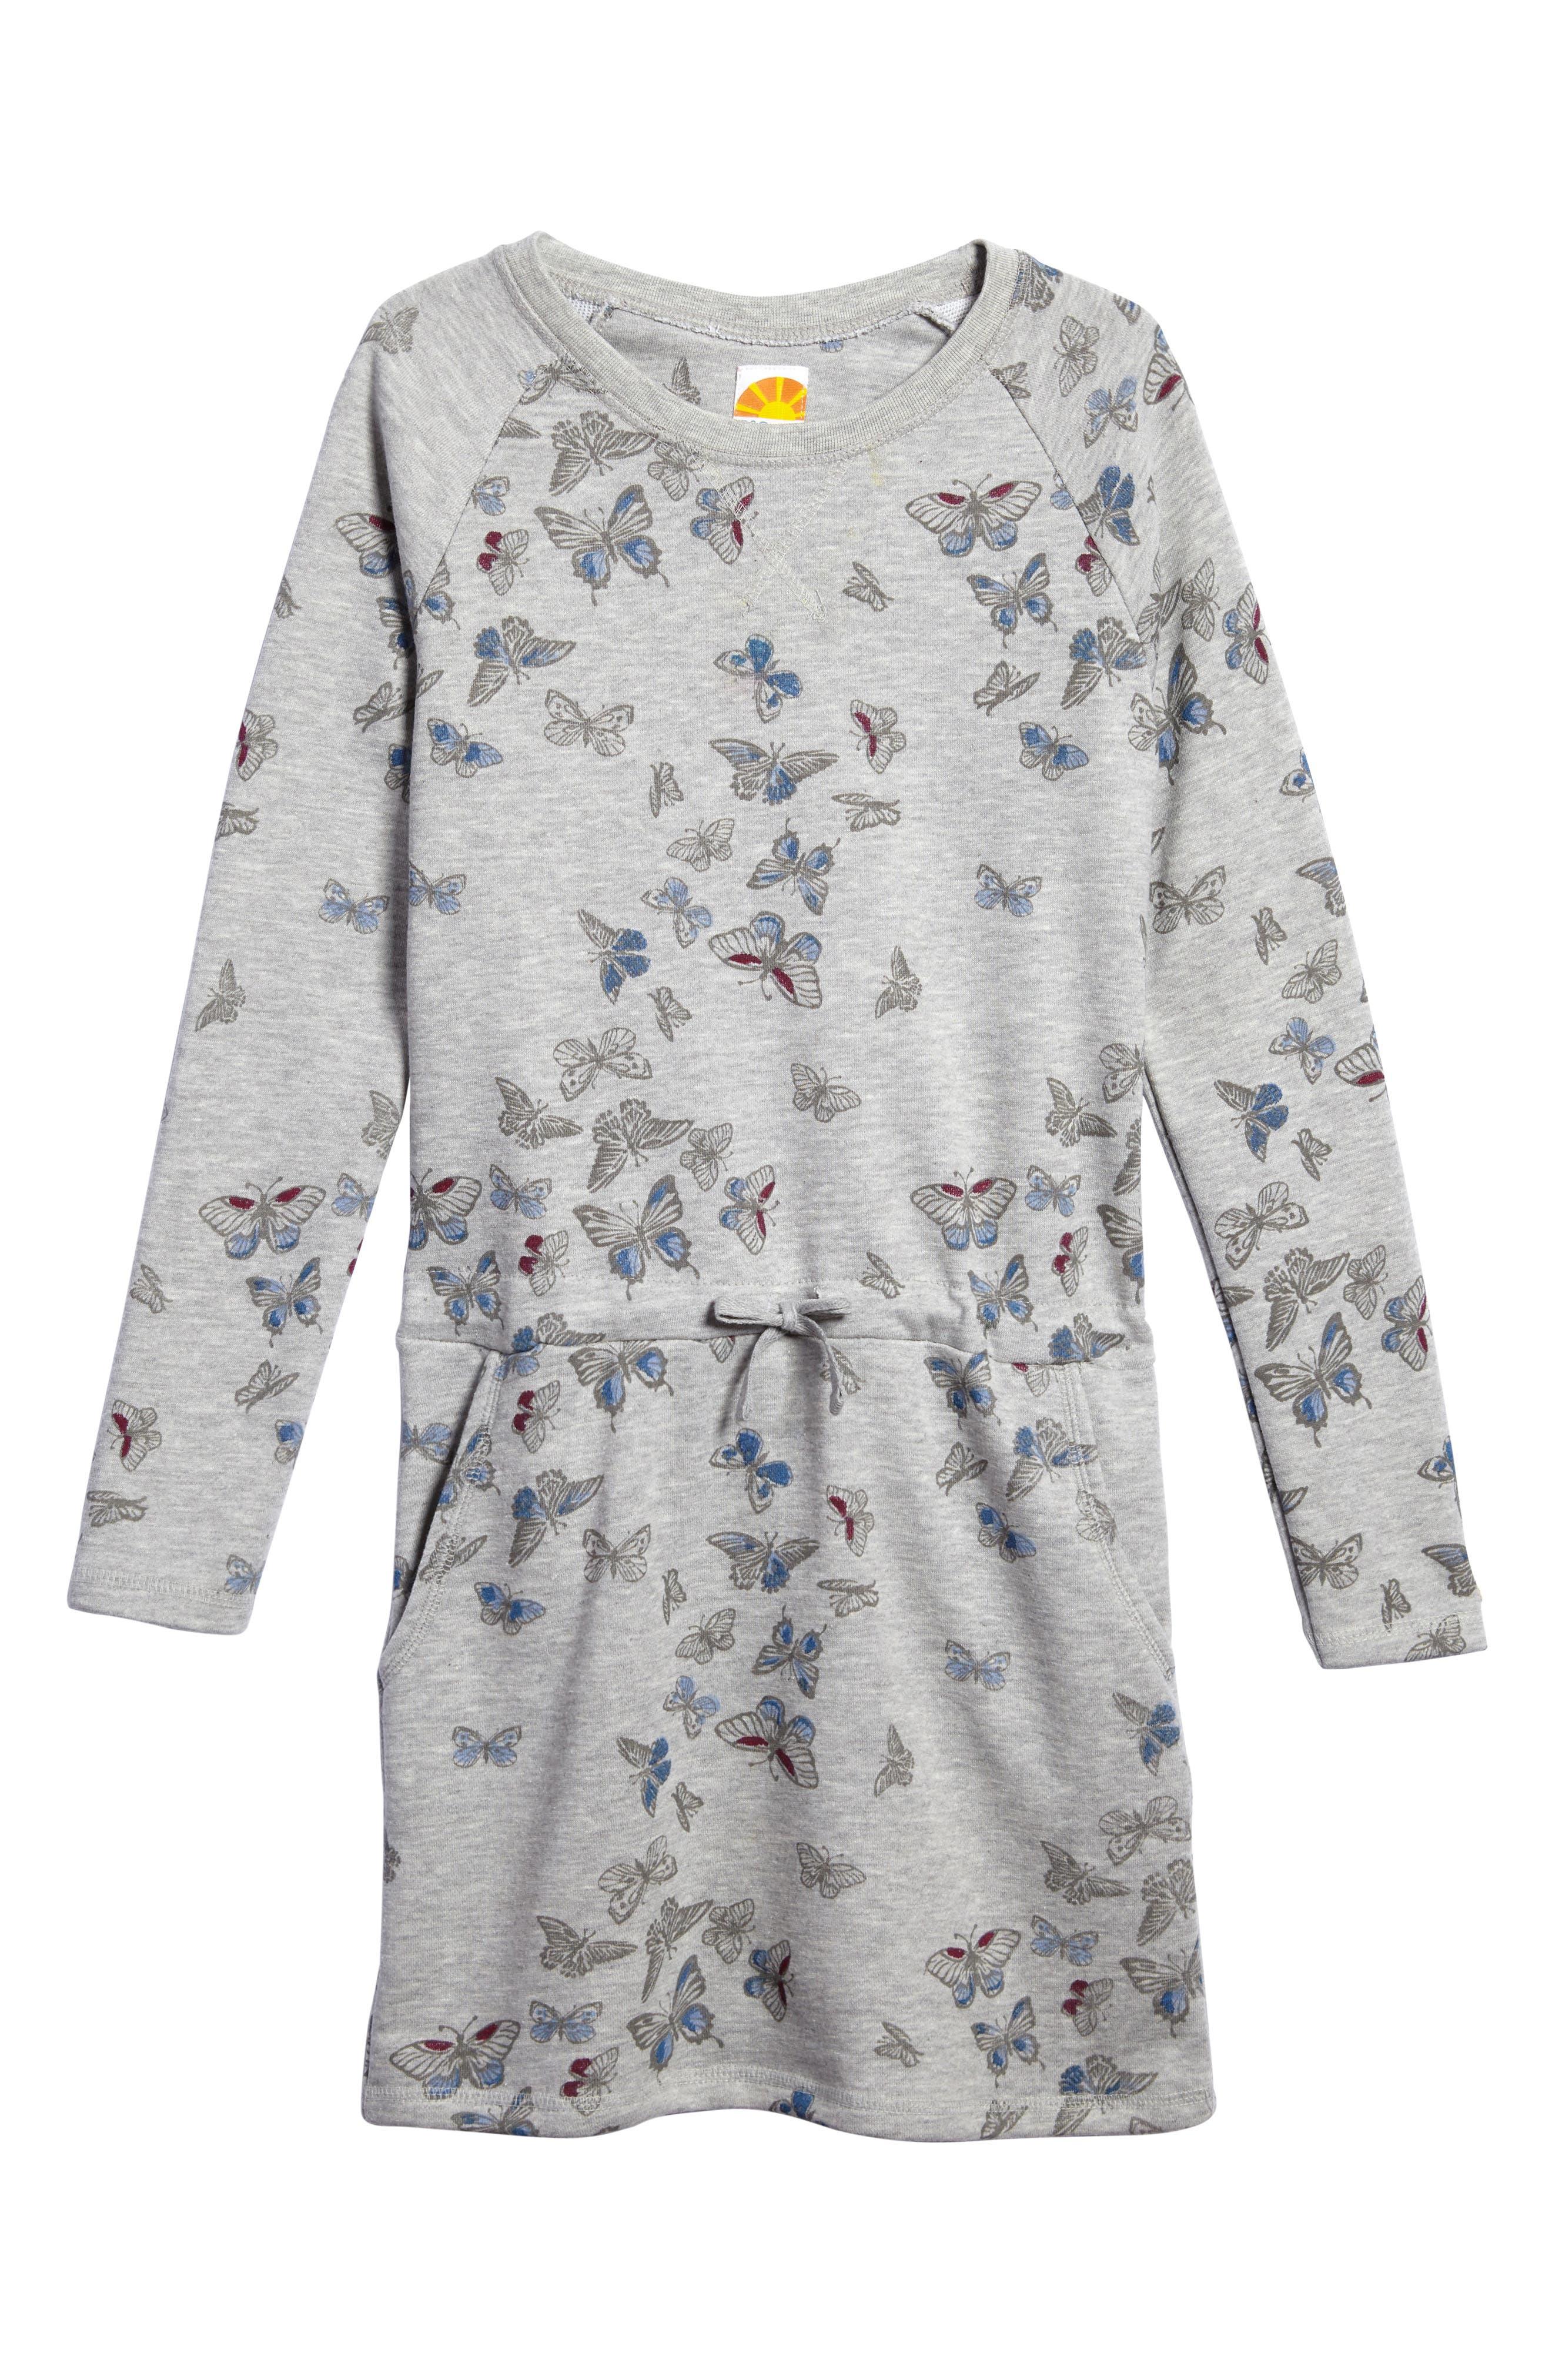 Main Image - C & C California Graphic Sweater Dress (Big Girls)